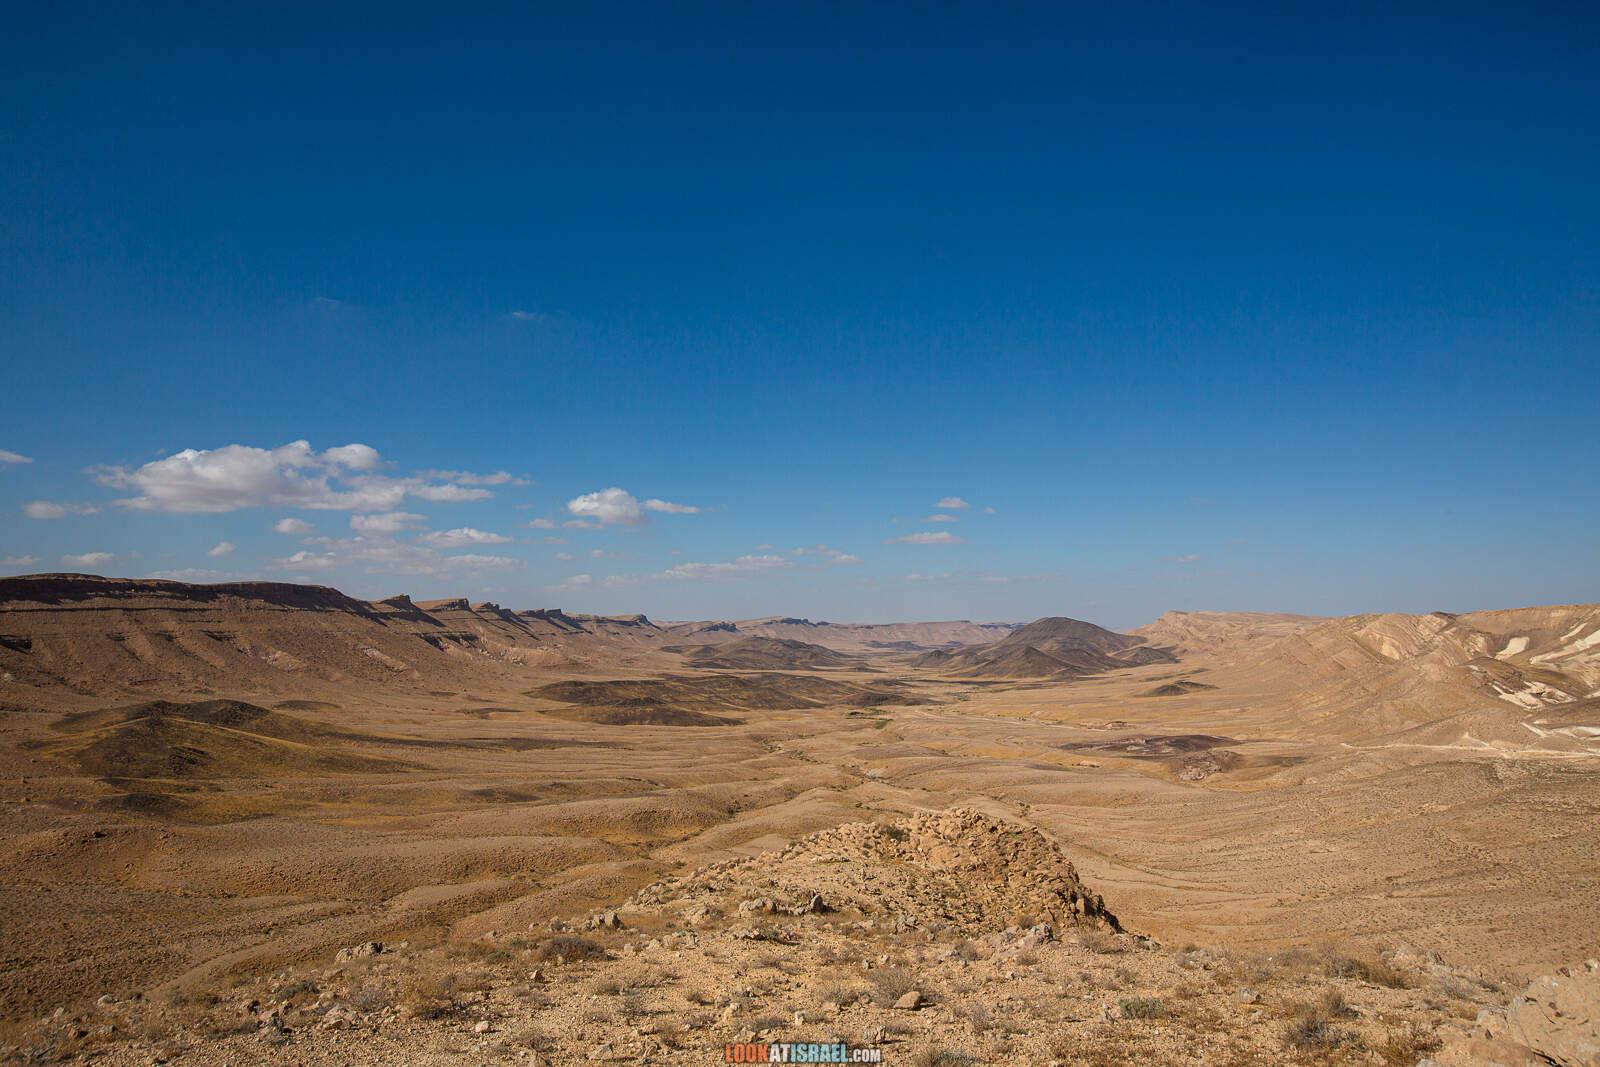 На внедорожнике вокруг махтеш Рамон, ручьи Арод и Одед | LookAtIsrael.com - Фото путешествия по Израилю